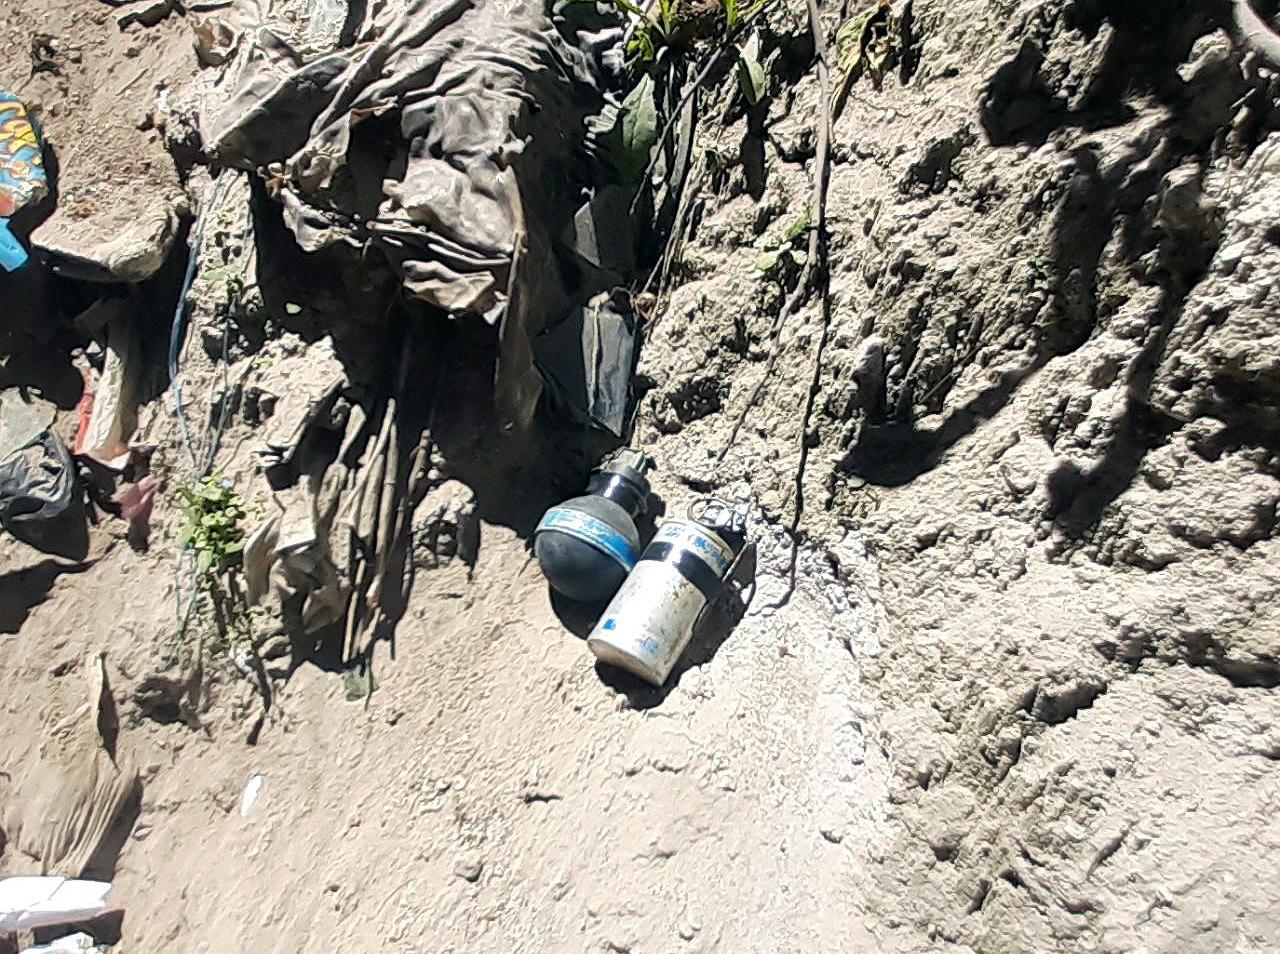 Las dos granadas fueron localizadas por un grupo de leñadores en San Mateo, Quetzaltenango. (Fotos: PNC)